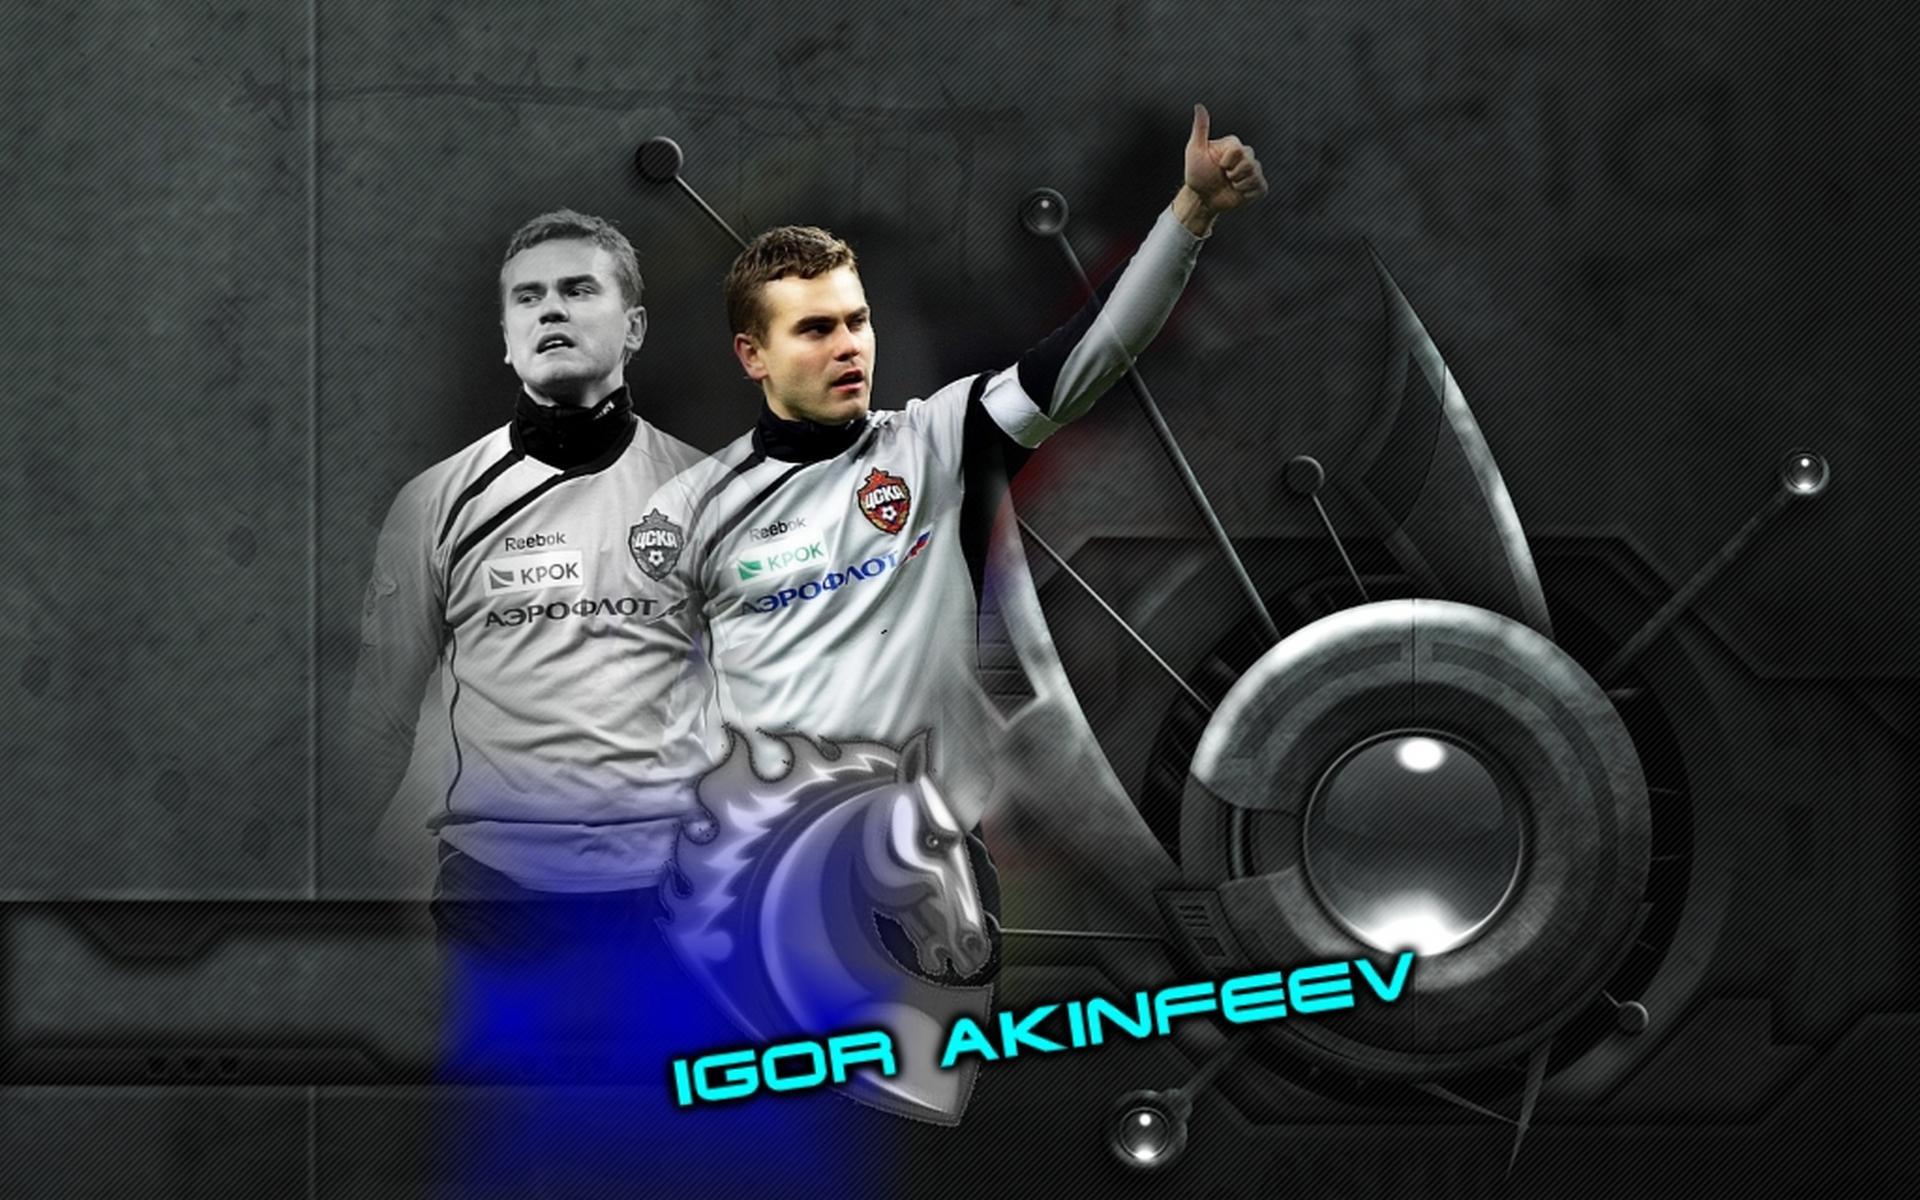 игорь акинфеев, футболист, вратарь